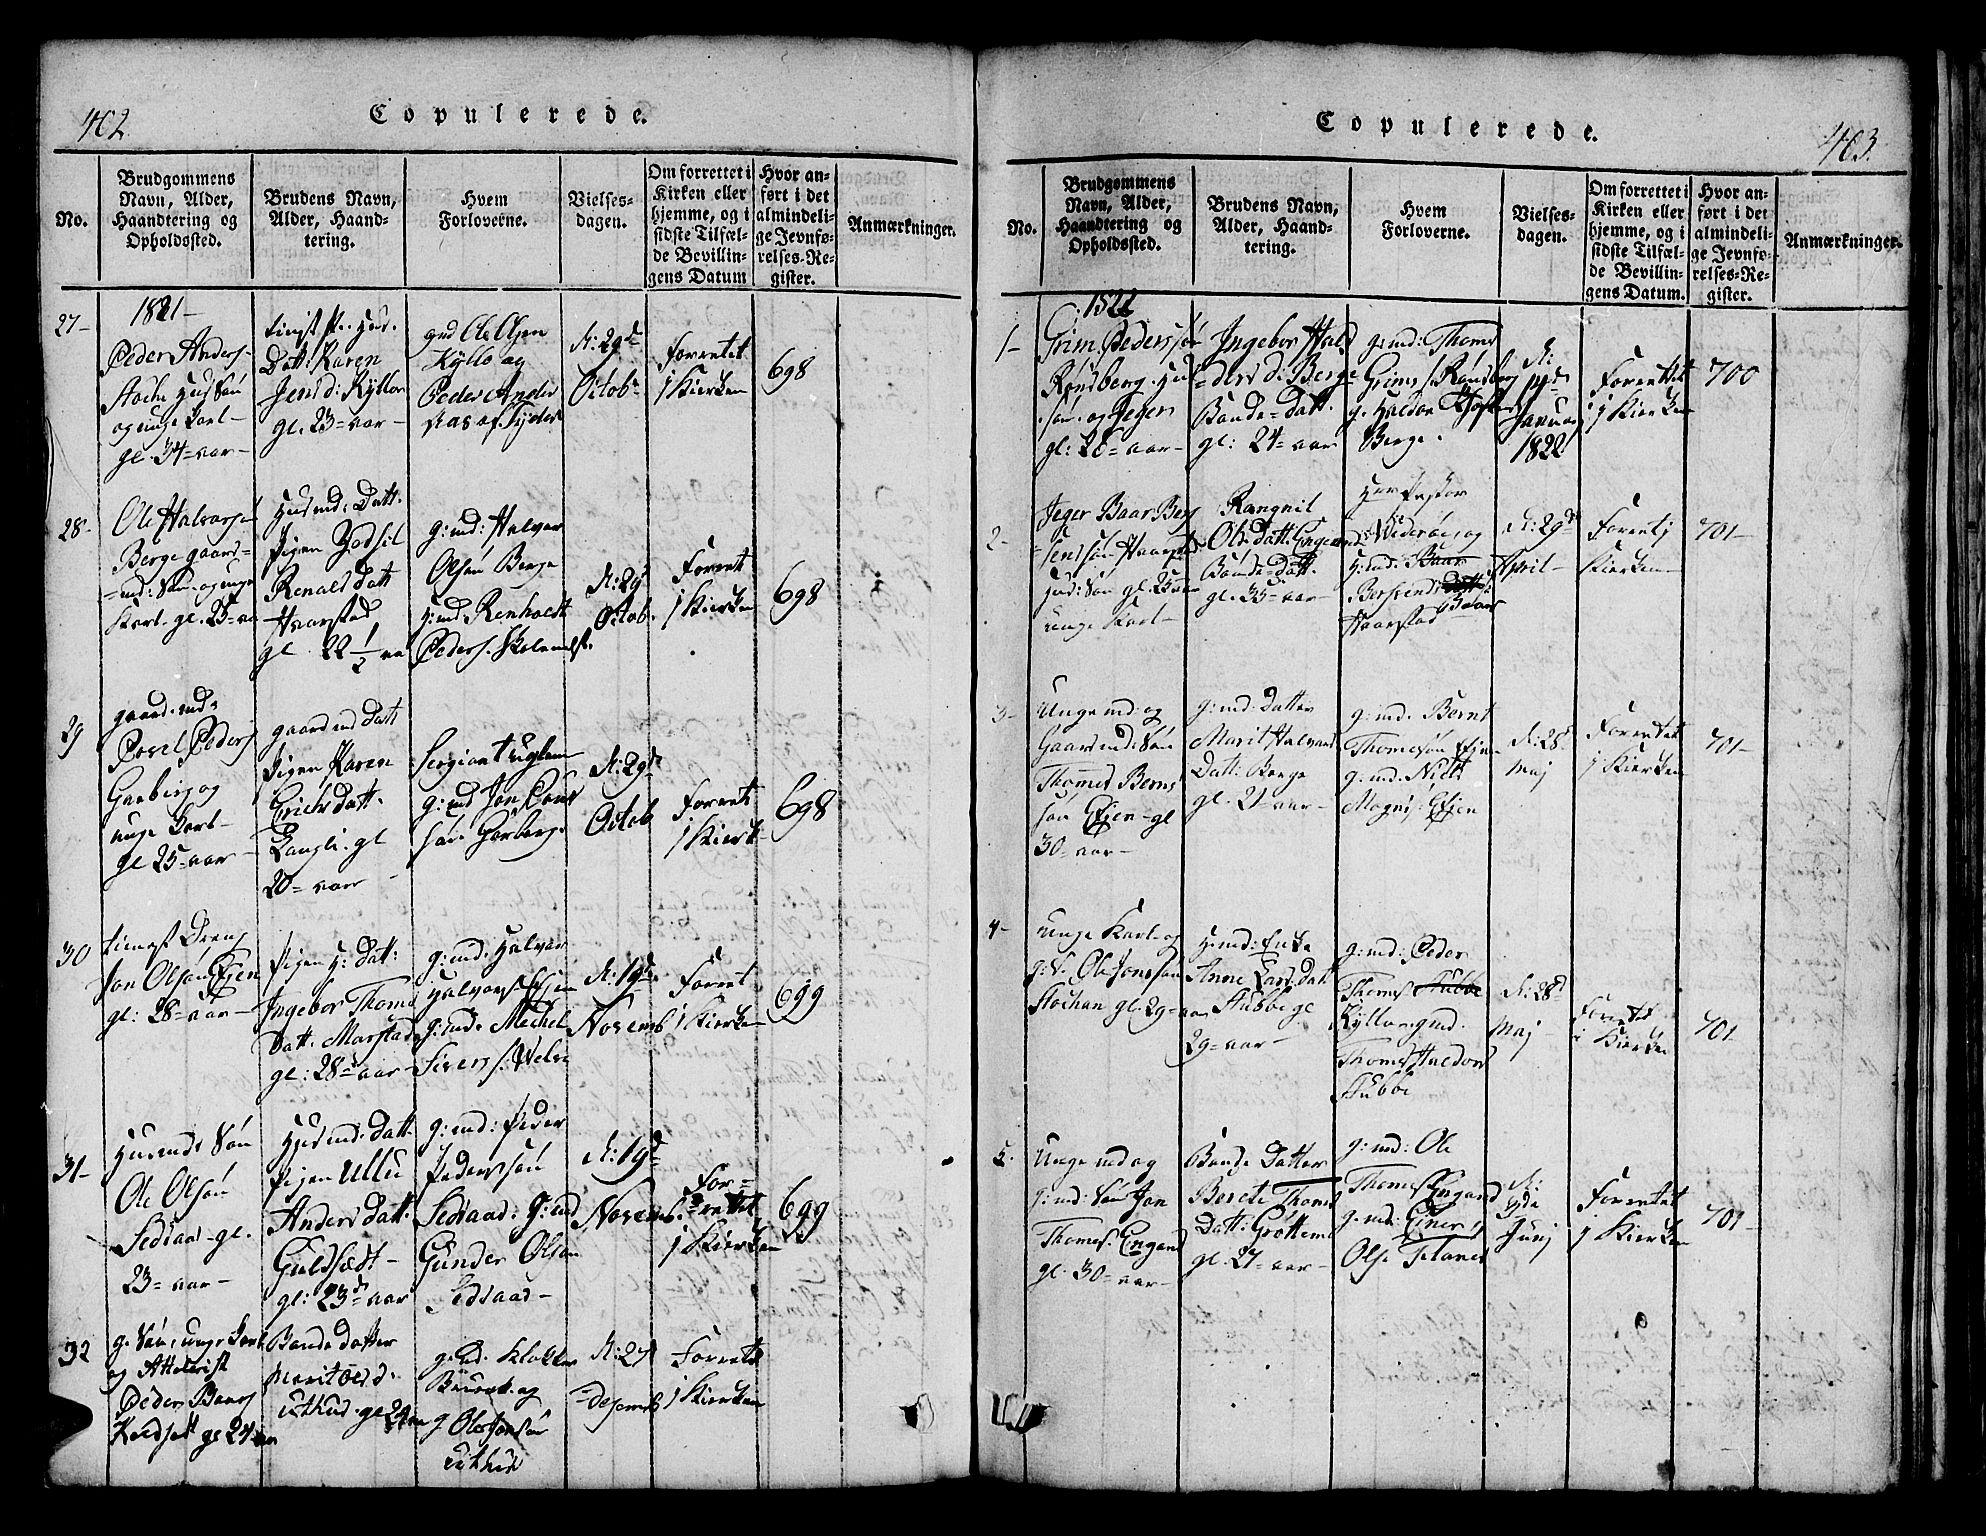 SAT, Ministerialprotokoller, klokkerbøker og fødselsregistre - Sør-Trøndelag, 695/L1152: Klokkerbok nr. 695C03, 1816-1831, s. 402-403